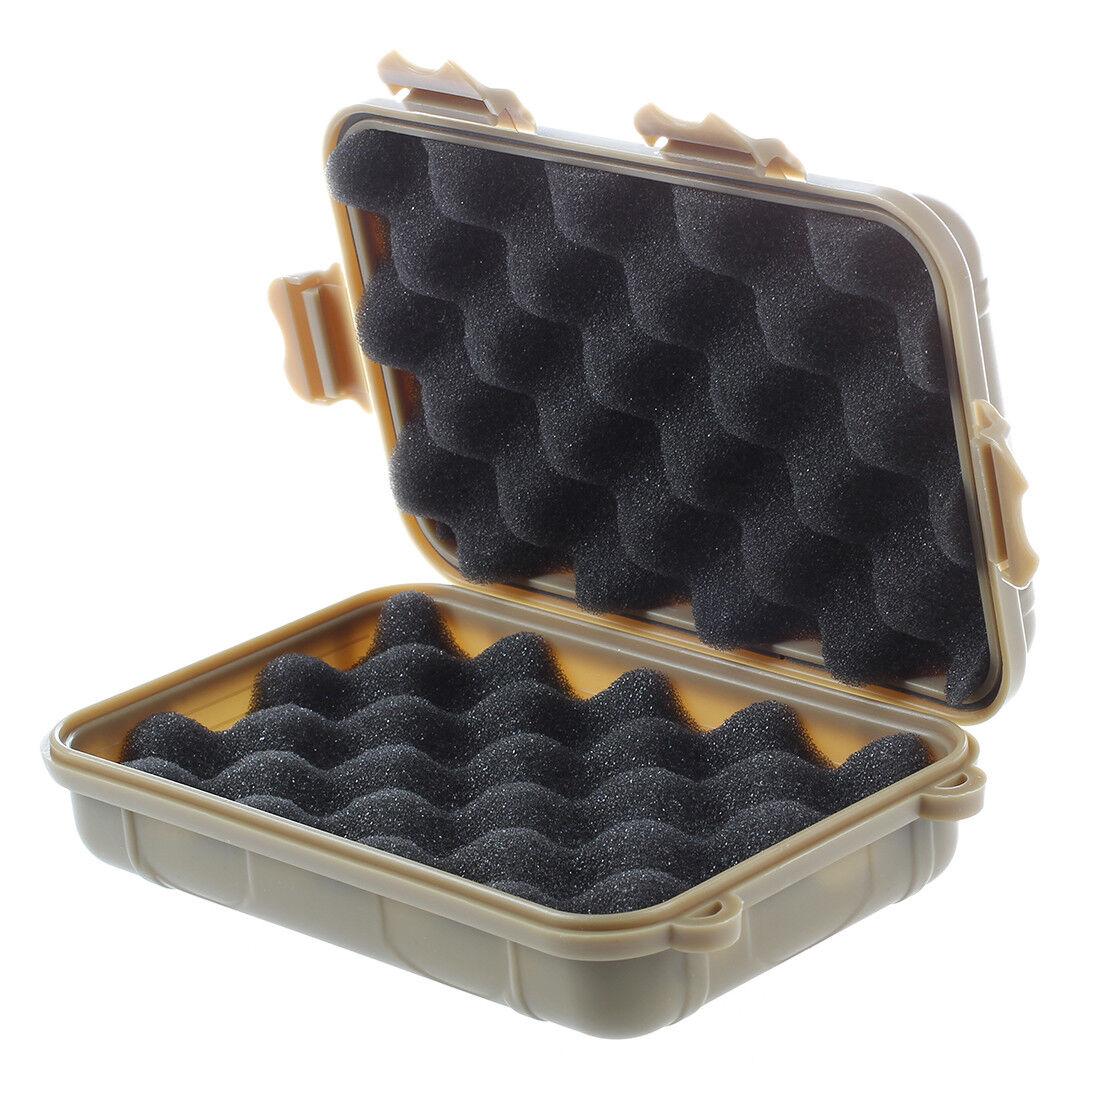 Boite Hermetique Antichoc Antichoc Antichoc Etanche Boite de Rangement Conteneur de Plein Air K6J4 081ff2